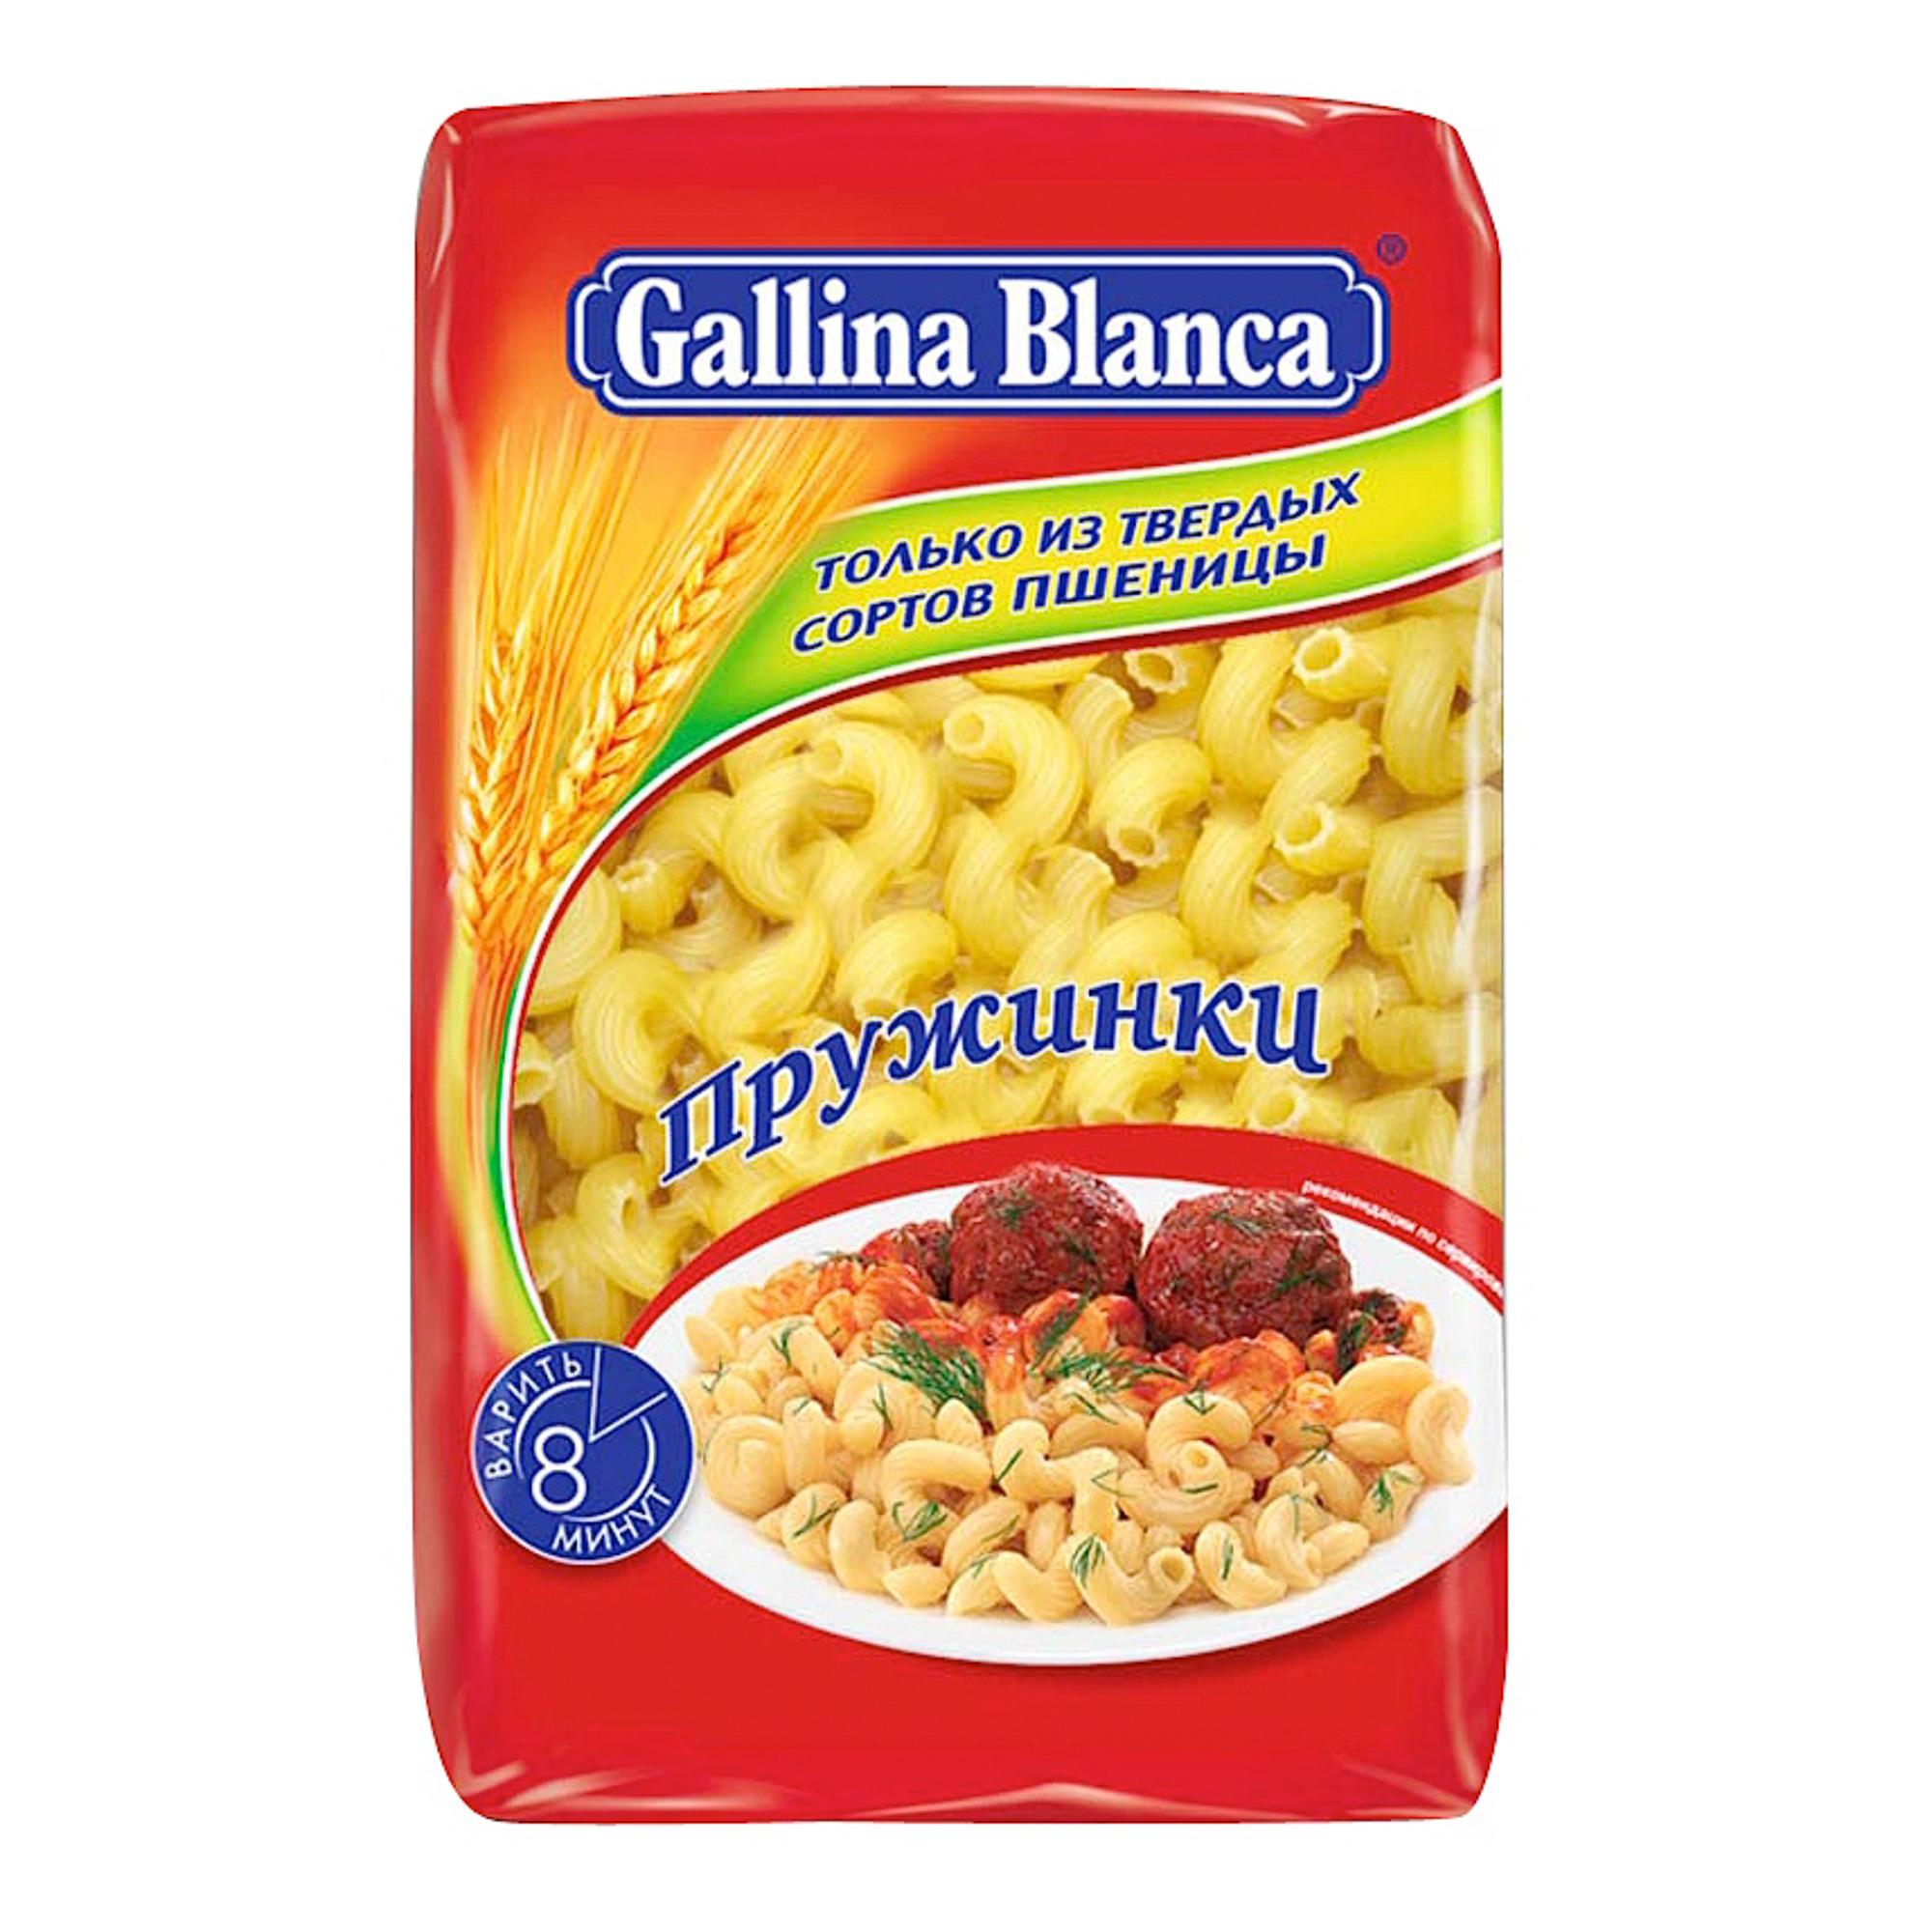 Фото - Макаронные изделия Gallina Blanca пружинки 450 г макароны gallina blanca 450 г спагетти